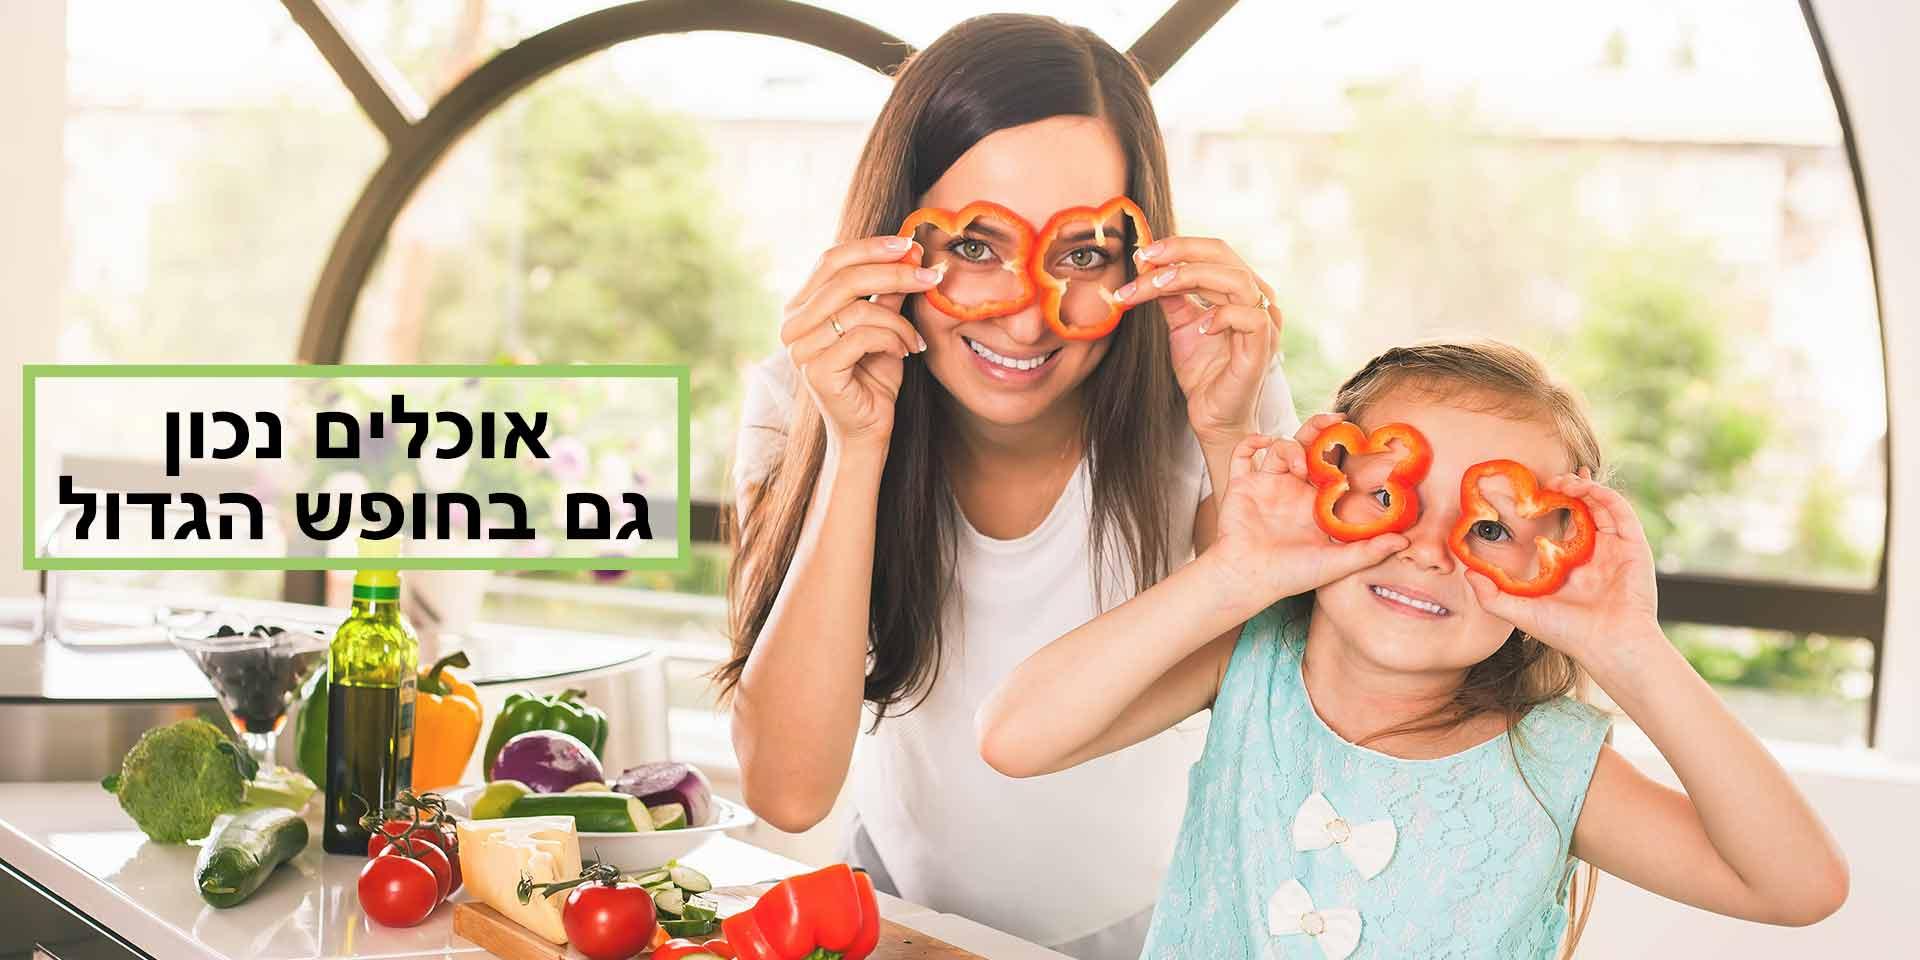 תזונה נכונה לילדים בזמן החופש הגדול